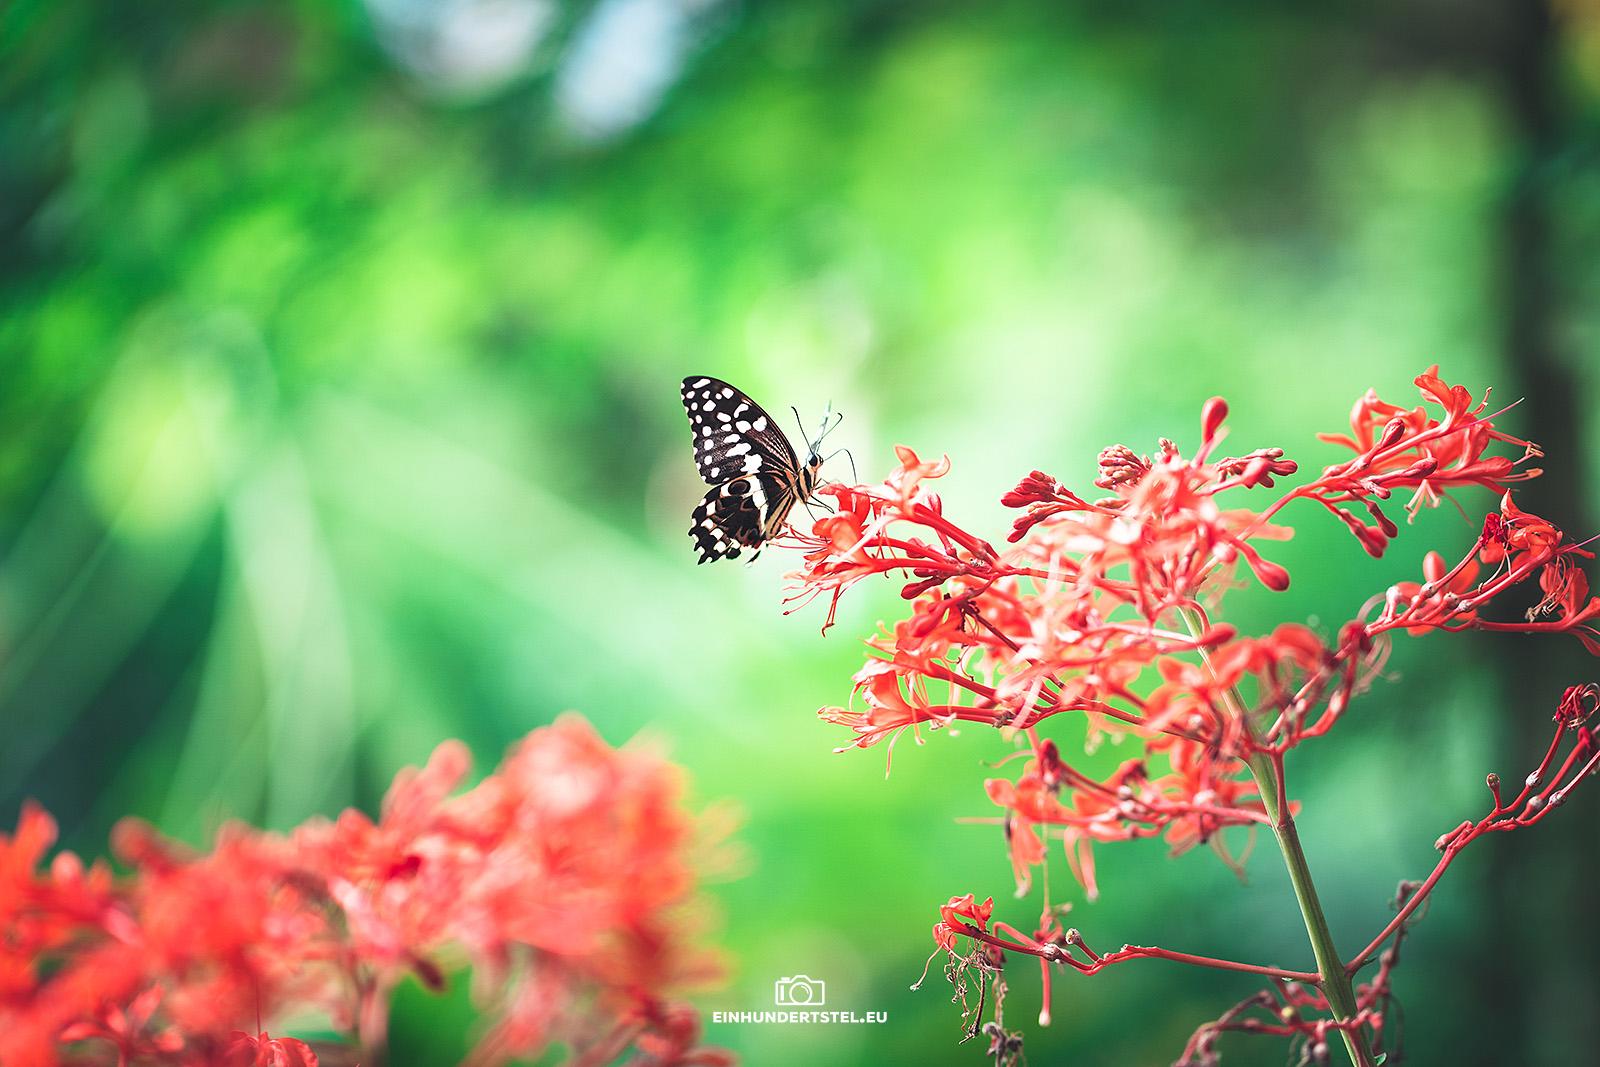 Schmetterling sitzt auf einer roten Blüte in der Schmetterlingsfarm.